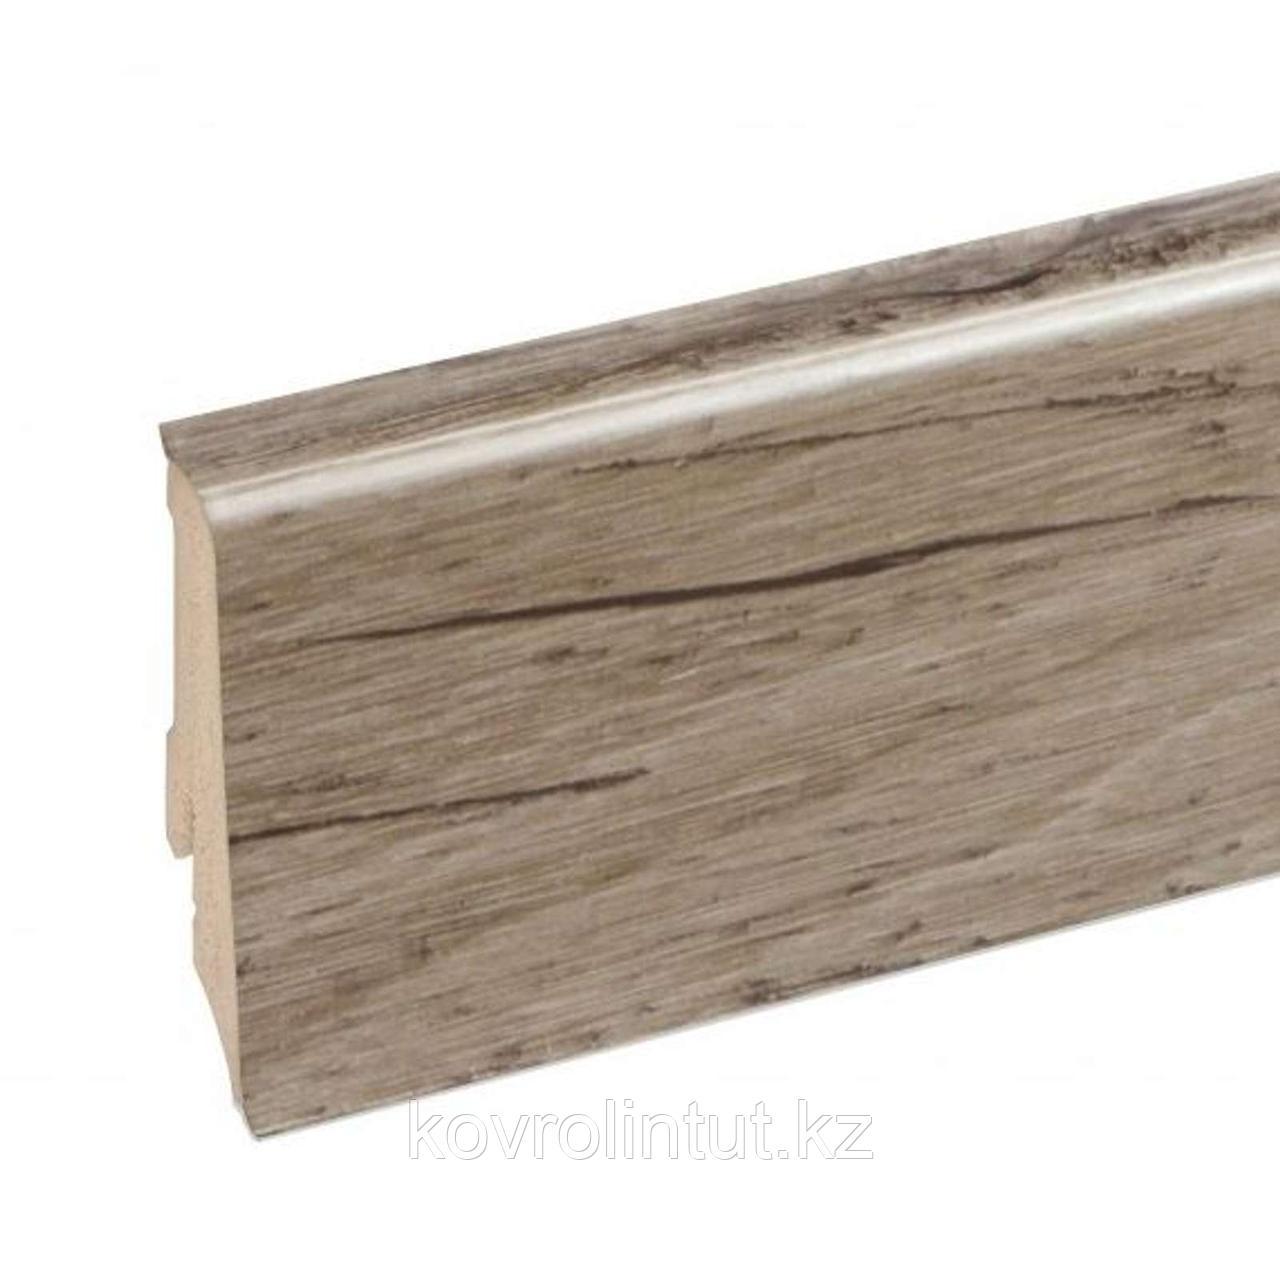 Плинтус композитный для LVT Neuhofer Holz, K0210L, 714493, 2400х59х17 мм